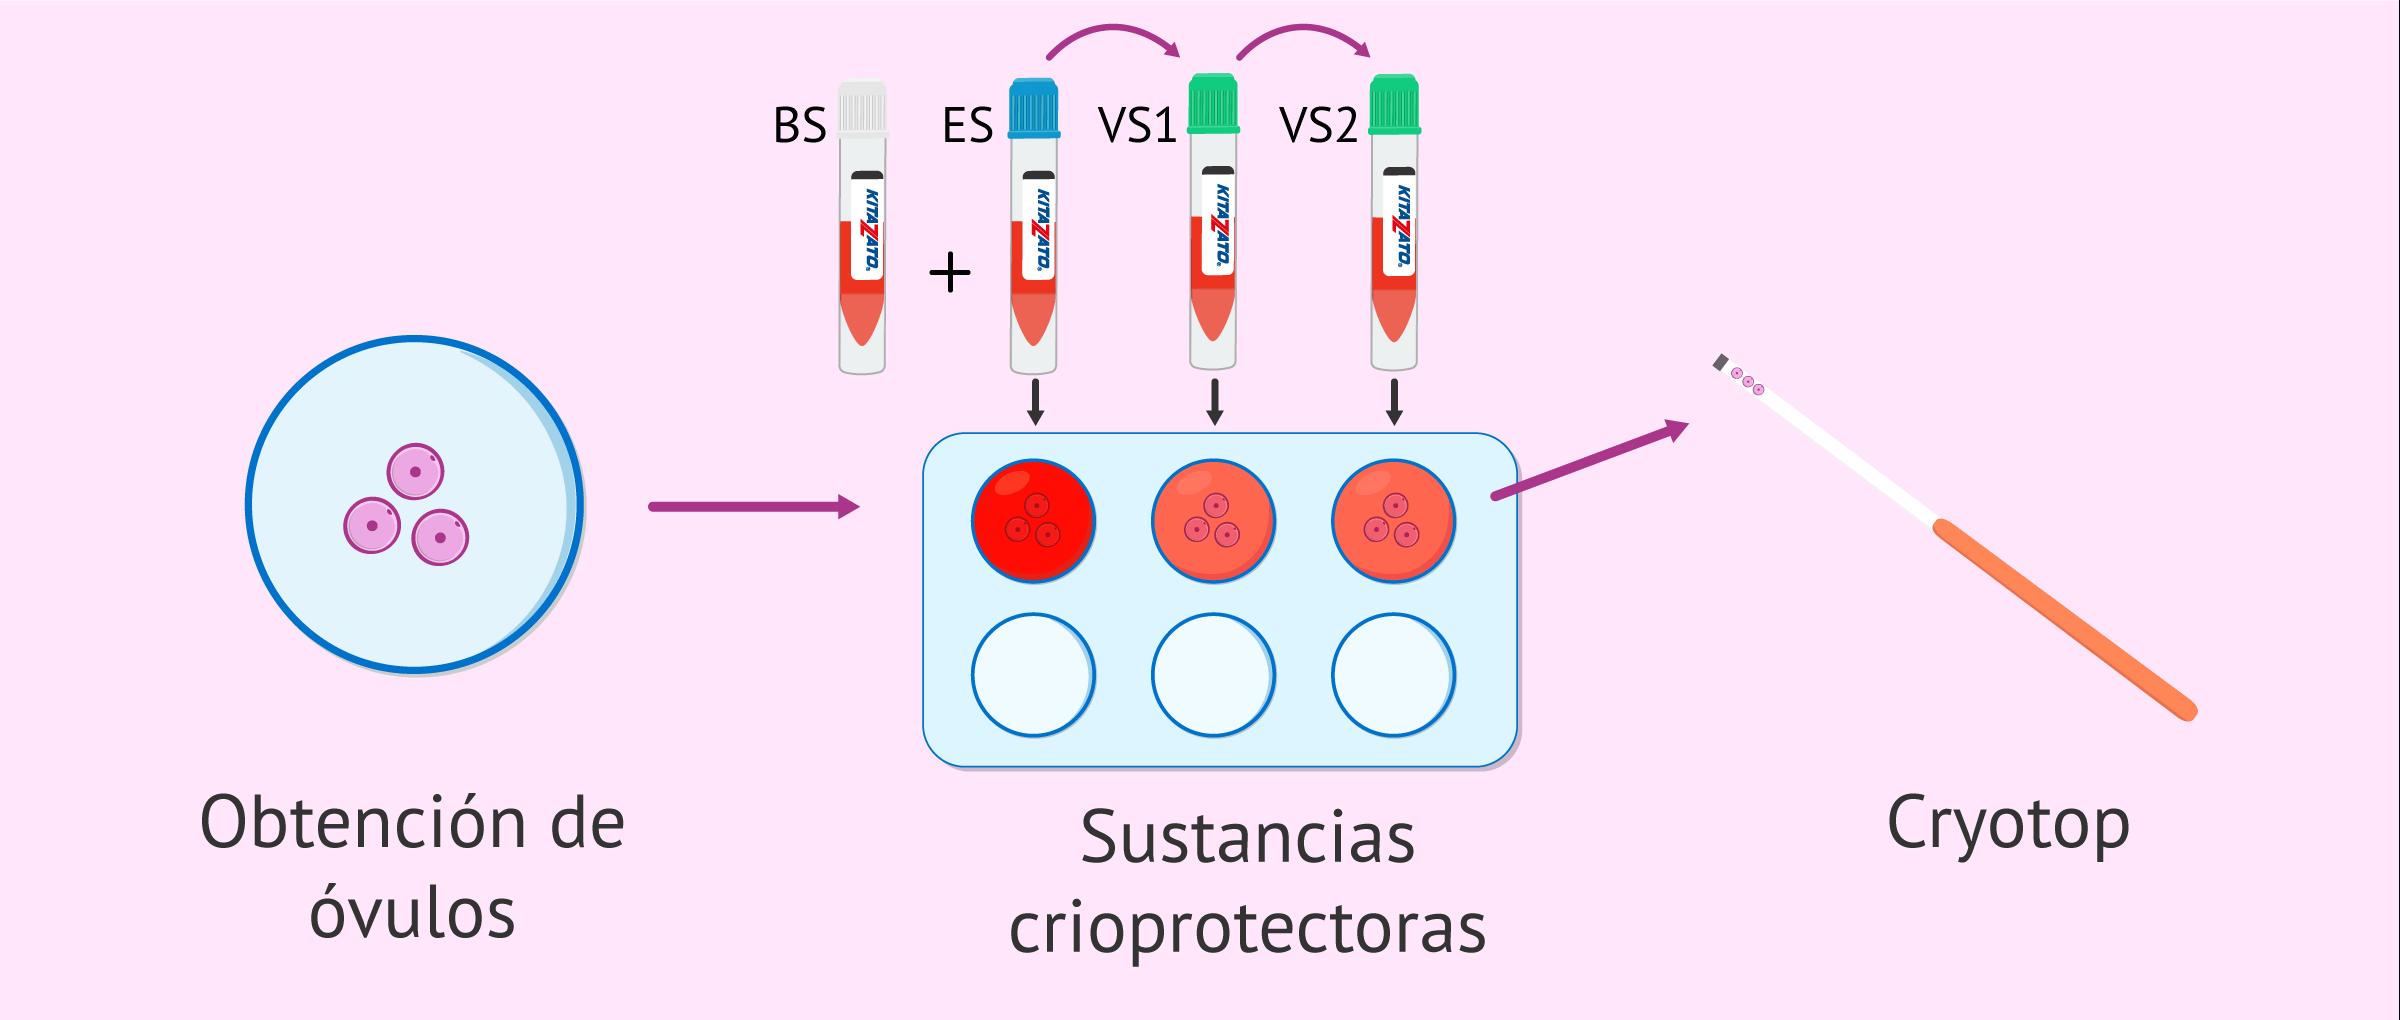 Vitrificación ovocitaria